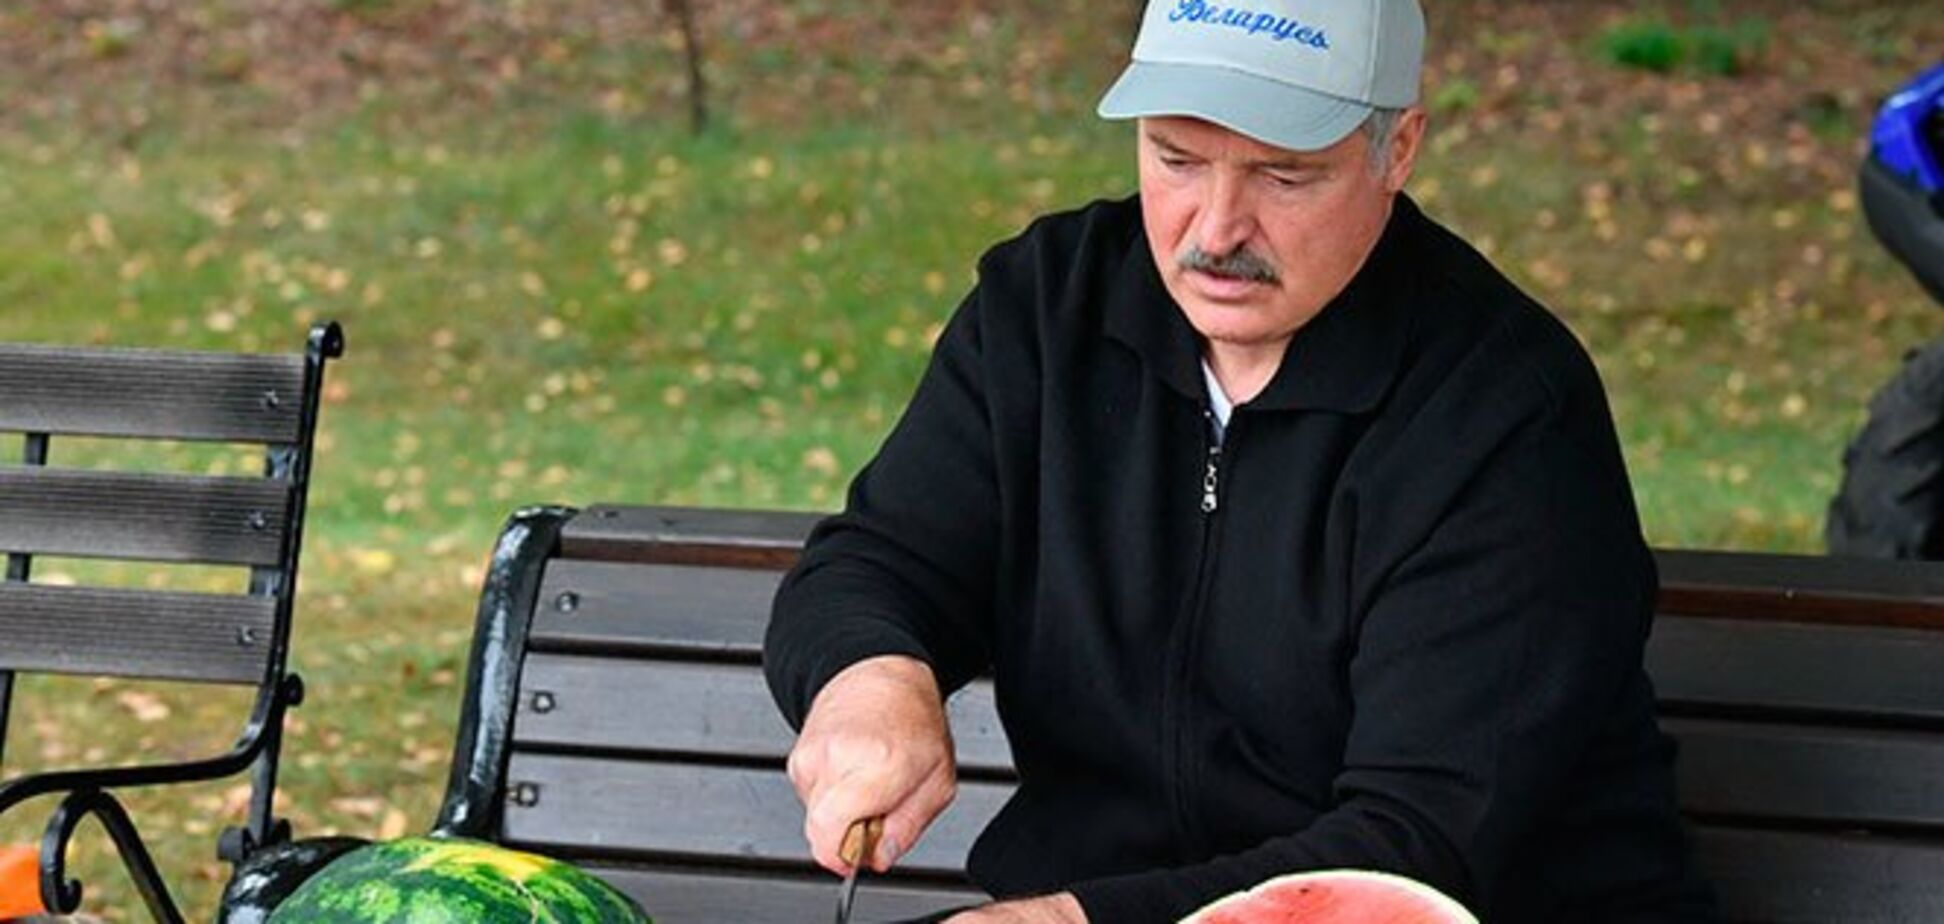 'Королева Анна': Лукашенко похвастался 'нетипичными' арбузами на даче